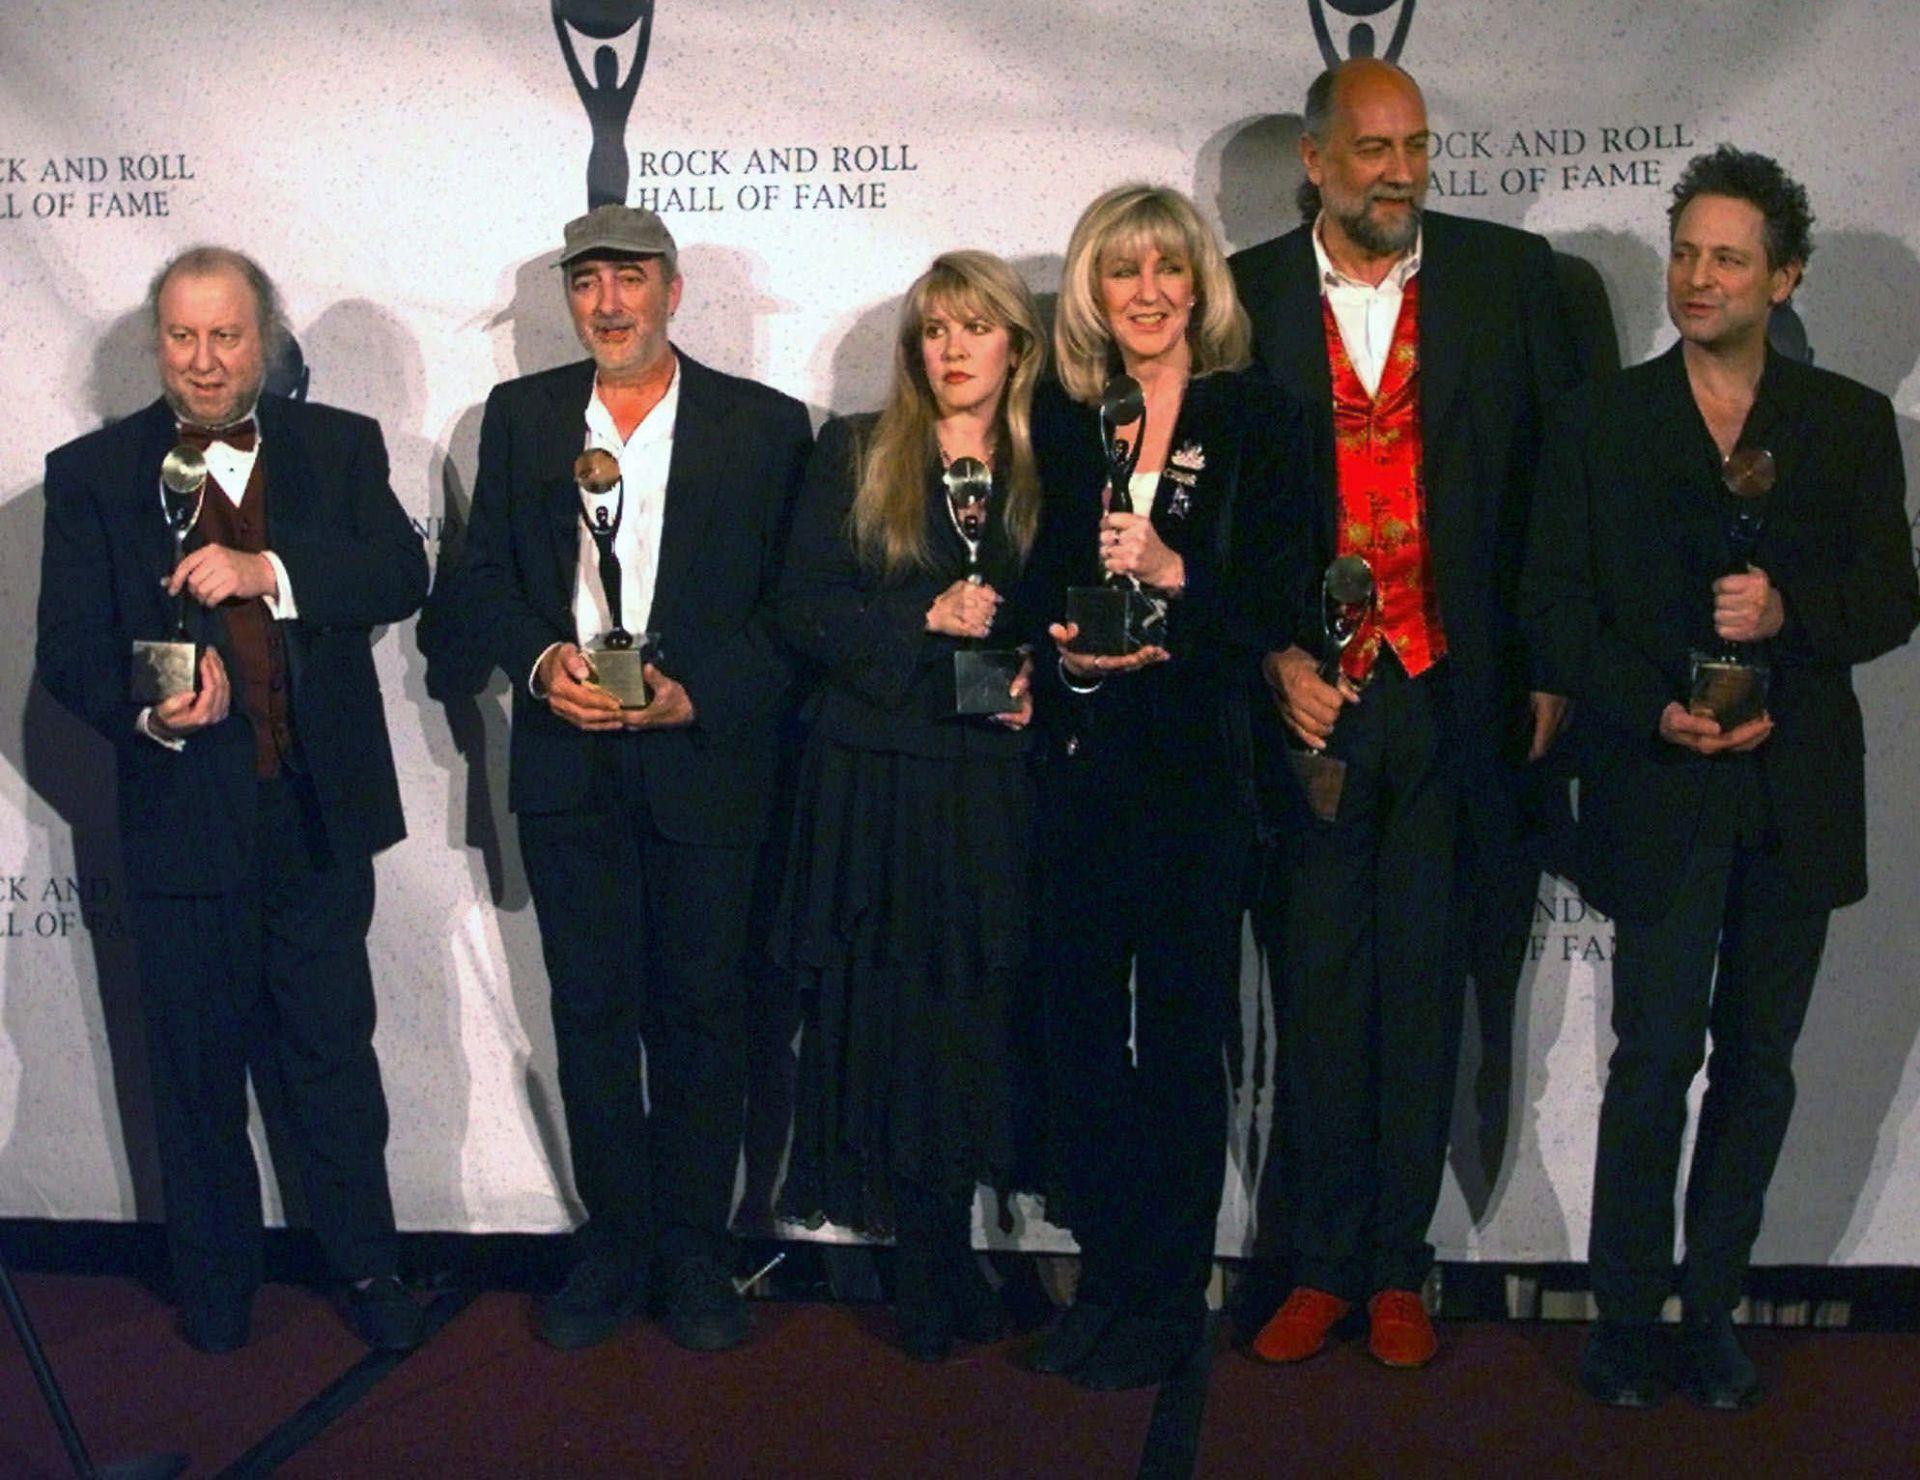 """Януари 1998 г. - членовете на """"Флитуyд Мак"""" с наградите си в Залата на славата на рокендрола в Ню Йорк"""